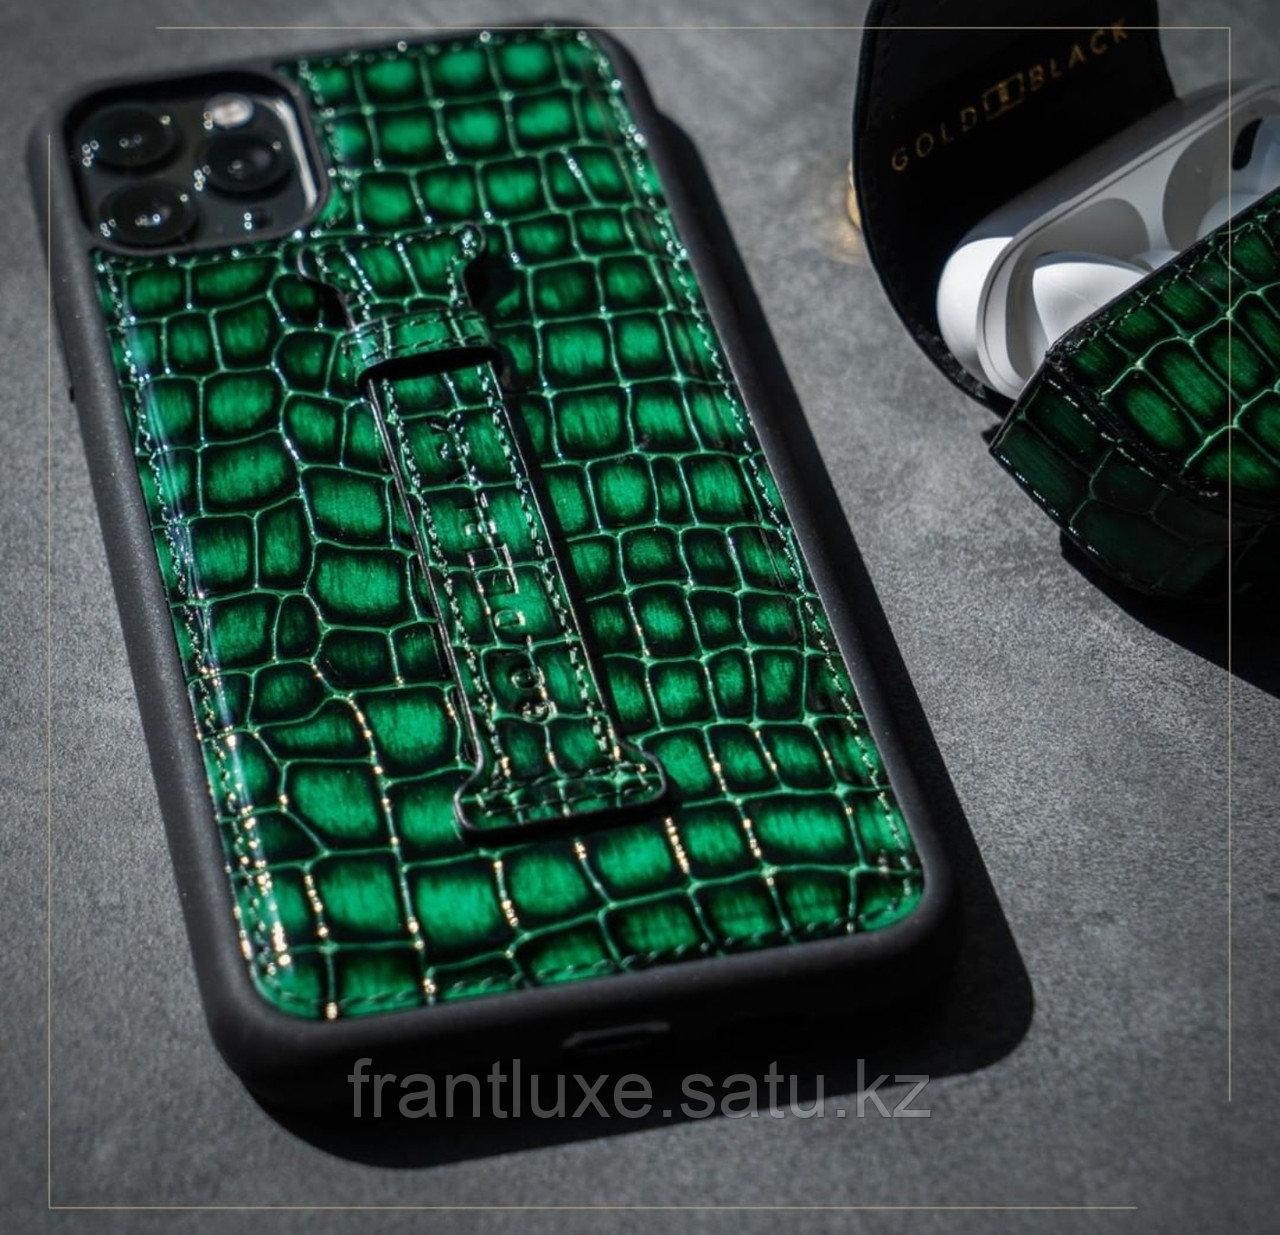 Чехол для телефона iPhone 12 Pro Max с ремешком-держателем зелёный - фото 6